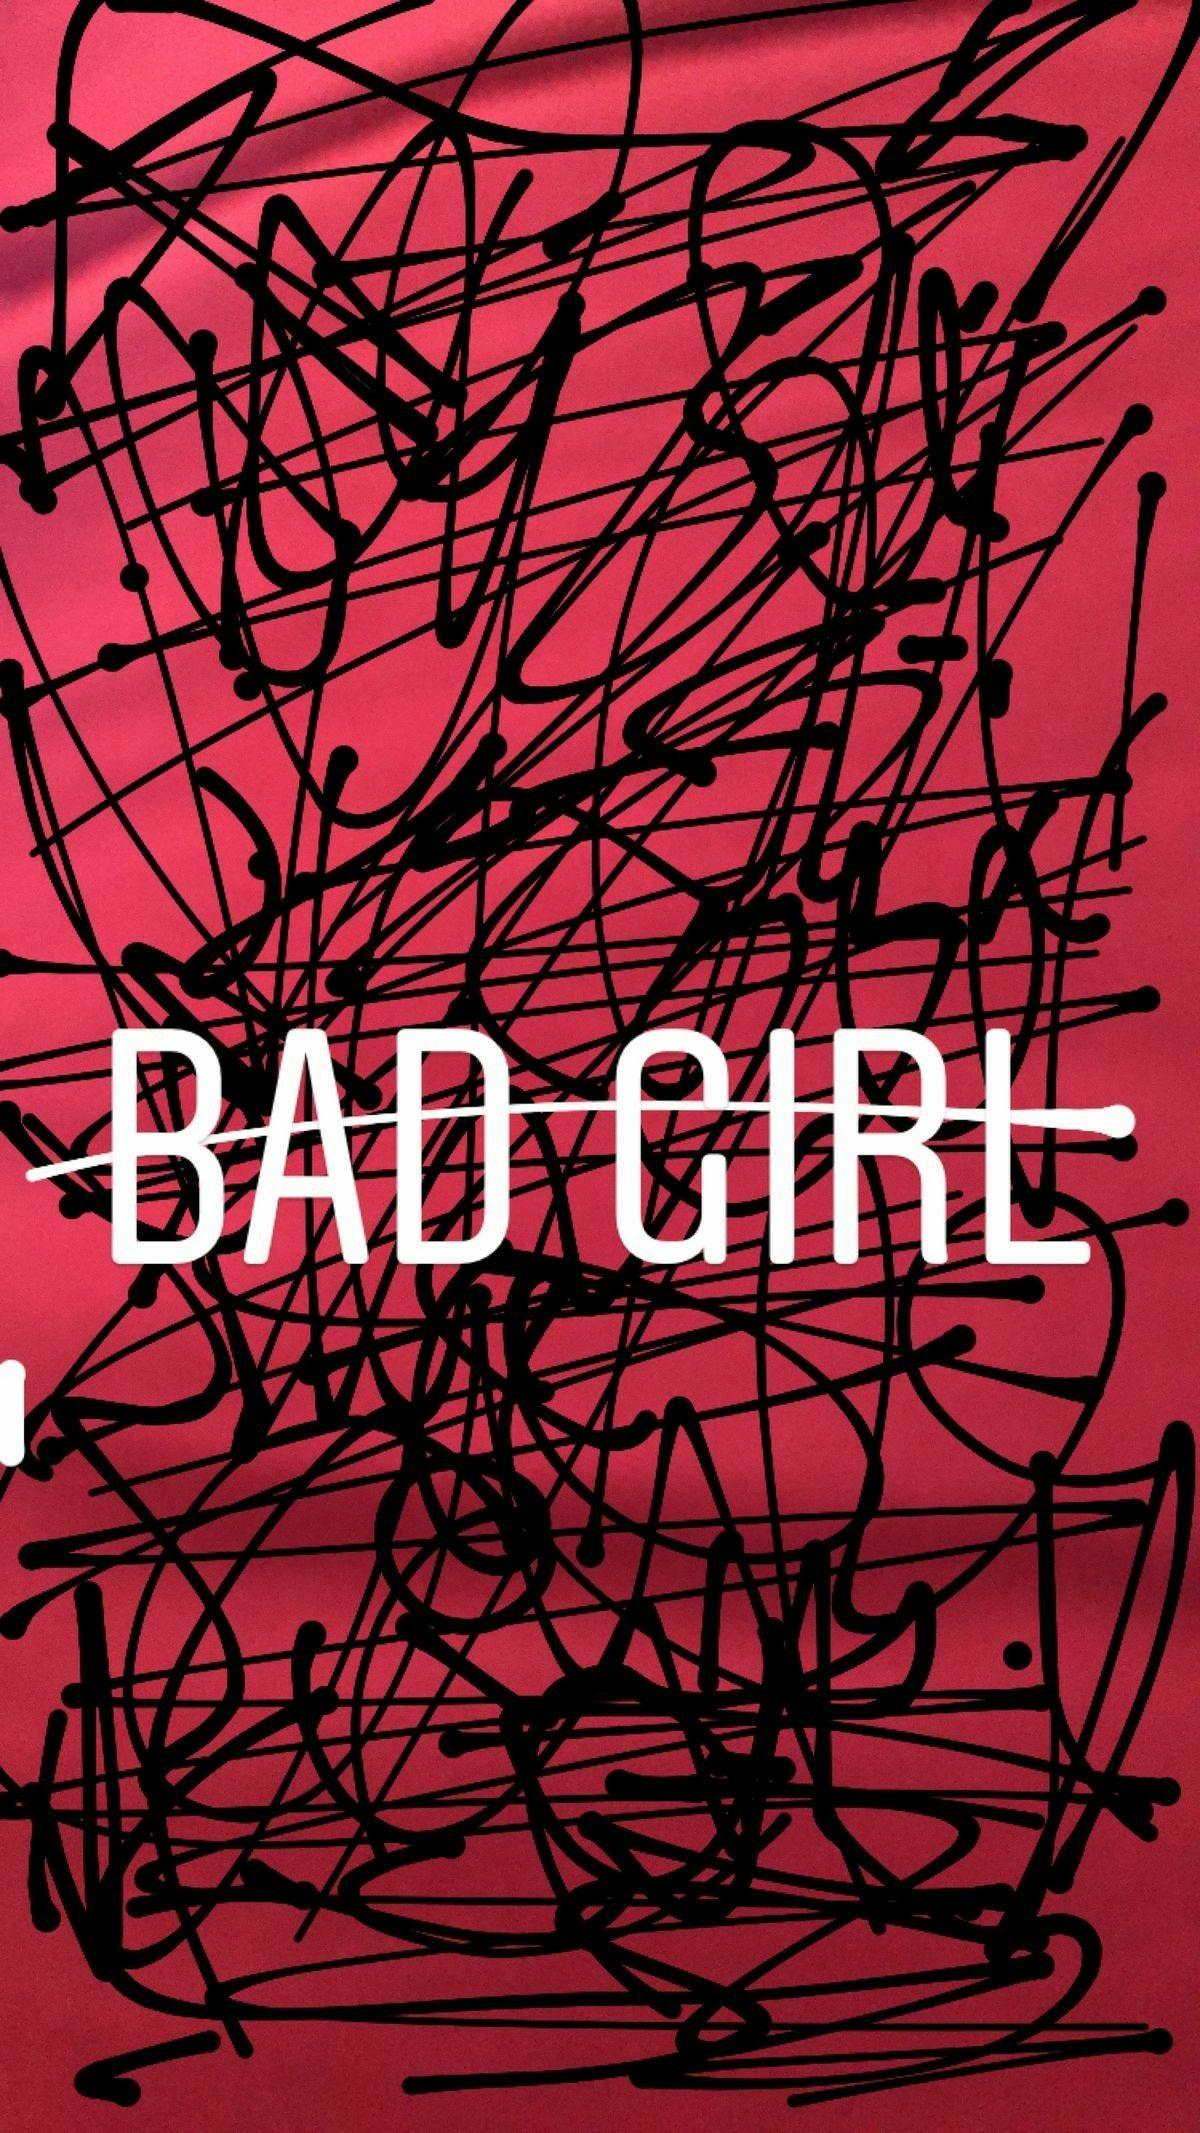 Bad Girl Fond D Ecran Citation Fond D Ecran Telephone Fond Ecran Emoji